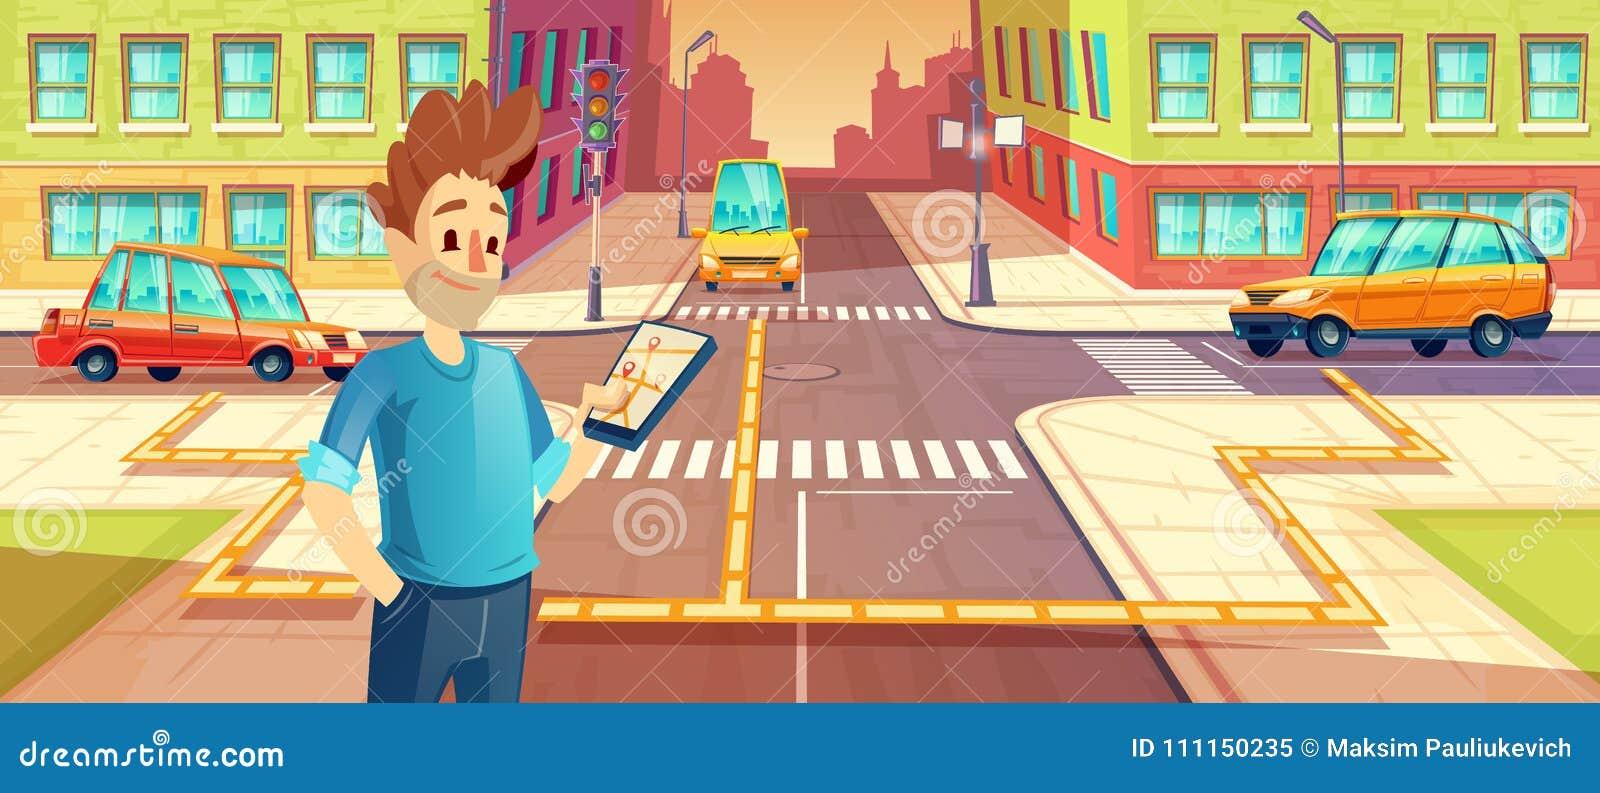 导航汽车分享的例证,有手机的人有合伙使用汽车的app 车旅行的,旅行租概念